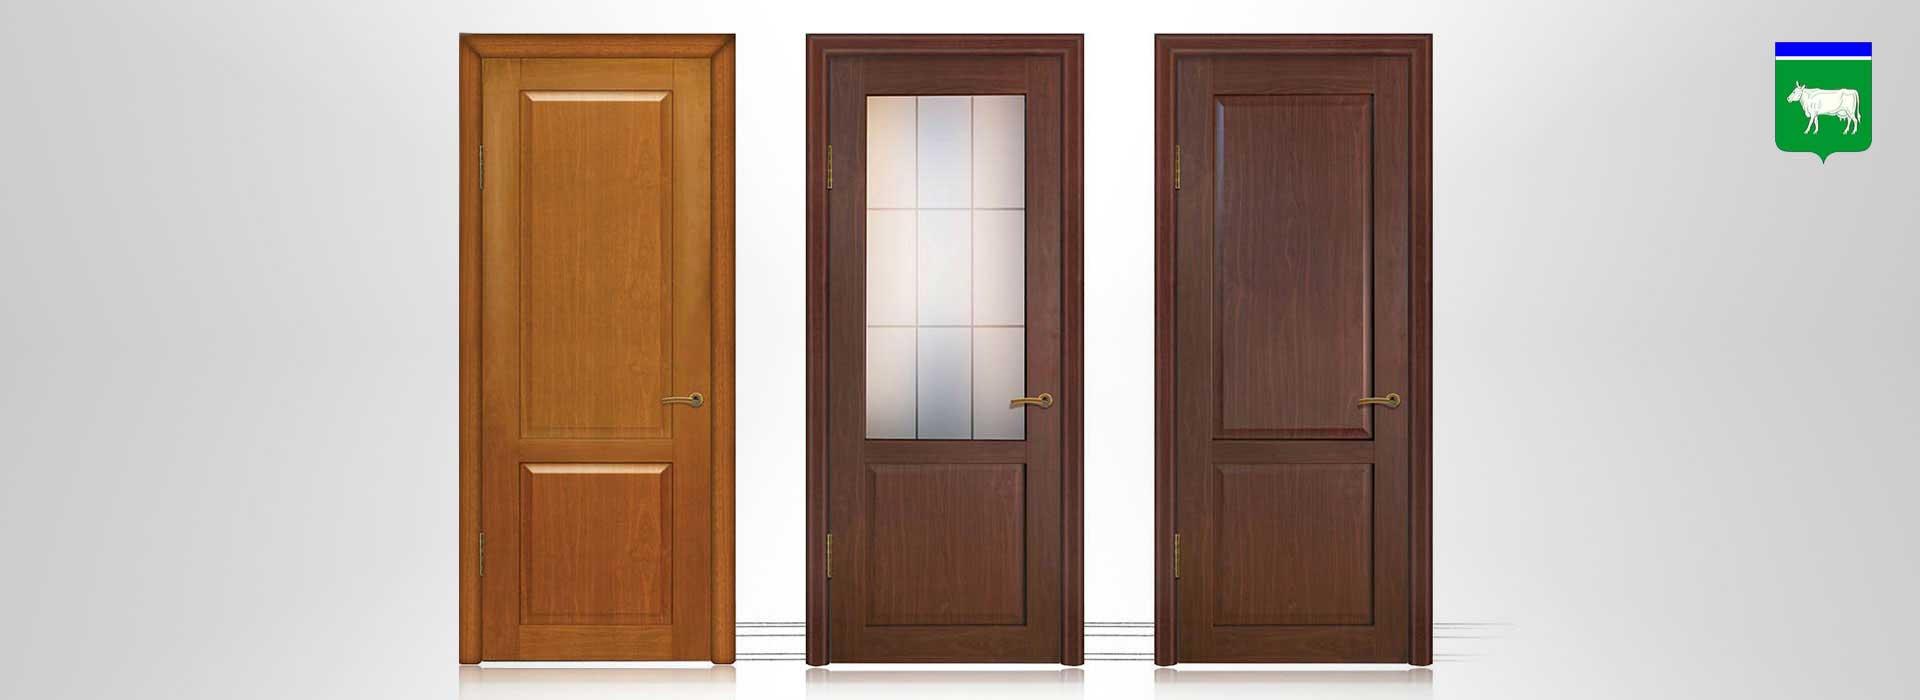 Развитие предприятия по производству межкомнатных дверей